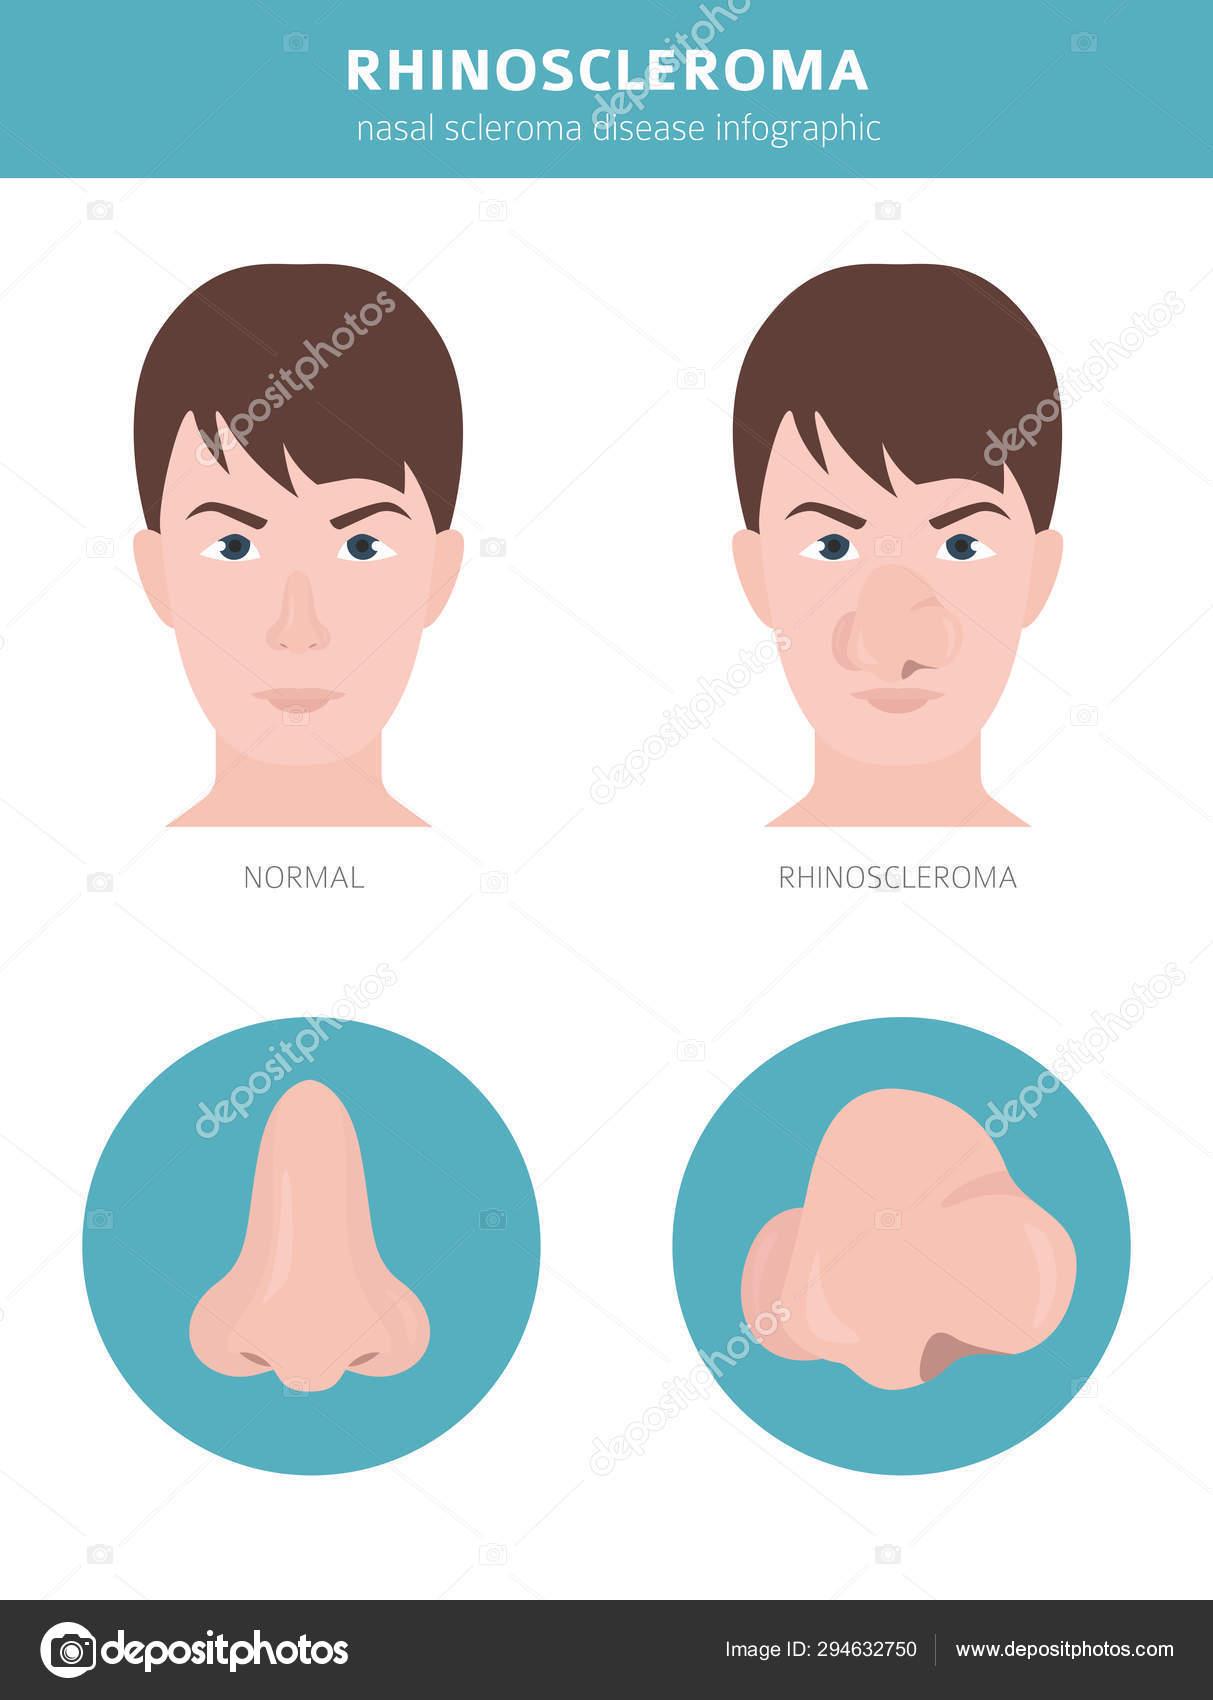 Helmint megelőző kezelés, Helmint adagoló kezelés